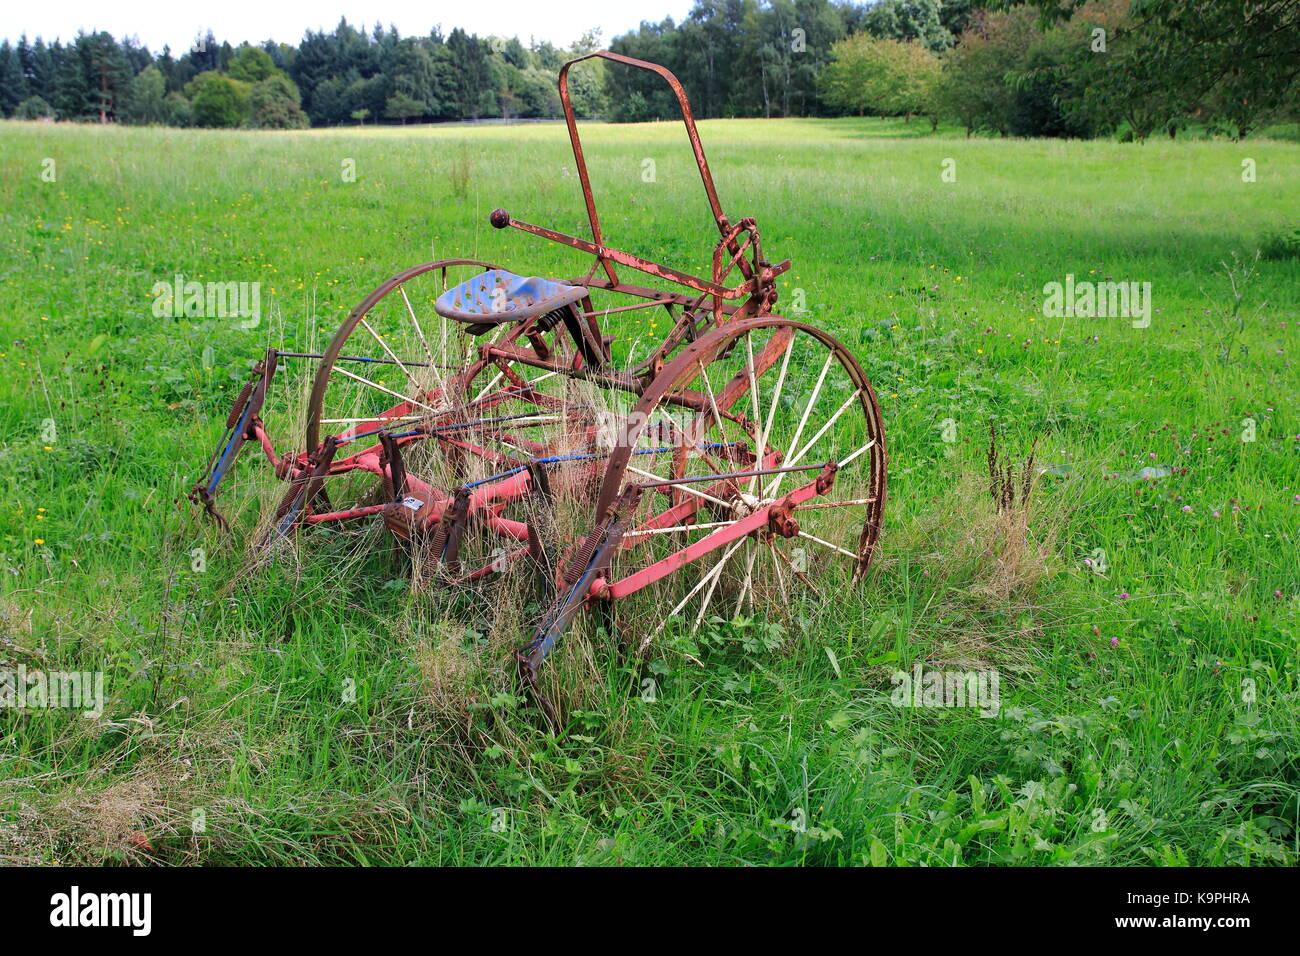 Ändern, rostiger Traktor, Mähdrescher auf einer Wiese, einem Feld Stockbild